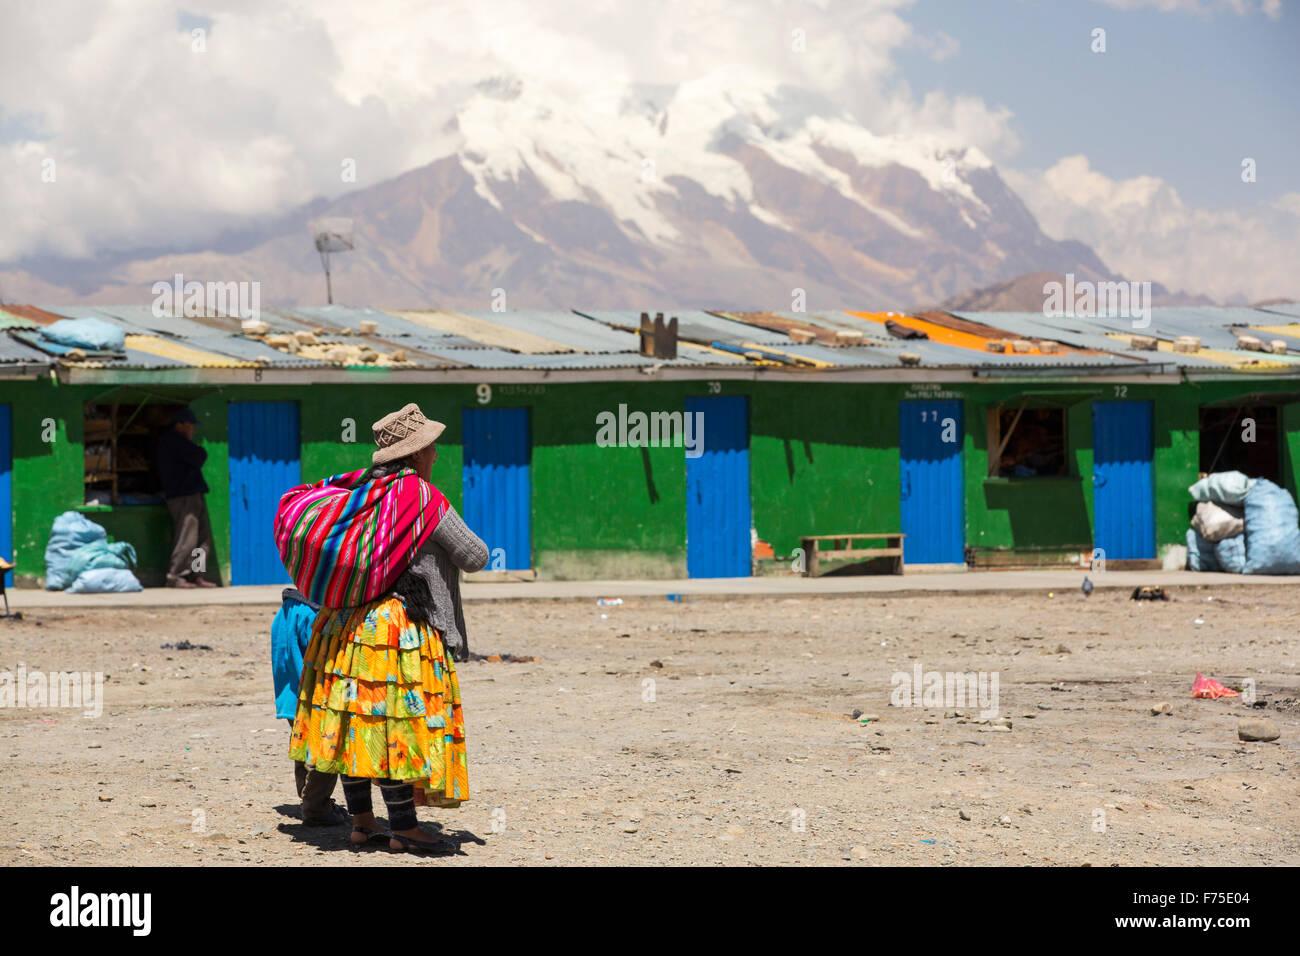 Der Höhepunkt des Illimani (6348 m) von El Alto über La Paz, Bolivien. La Paz und El Alto wird sind kritisch, Wassermangel und wahrscheinlich die erste Hauptstadt der Welt, die wegen Mangel an Wasser weitgehend aufgegeben werden müssen. Es stützt sich auf Glazial-Schmelzwasser aus den umliegenden Gipfeln der Anden, aber wie der Klimawandel bewirkt, die Gletscher dass schmelzen, es läuft schnell Wassermangel. Stockfoto